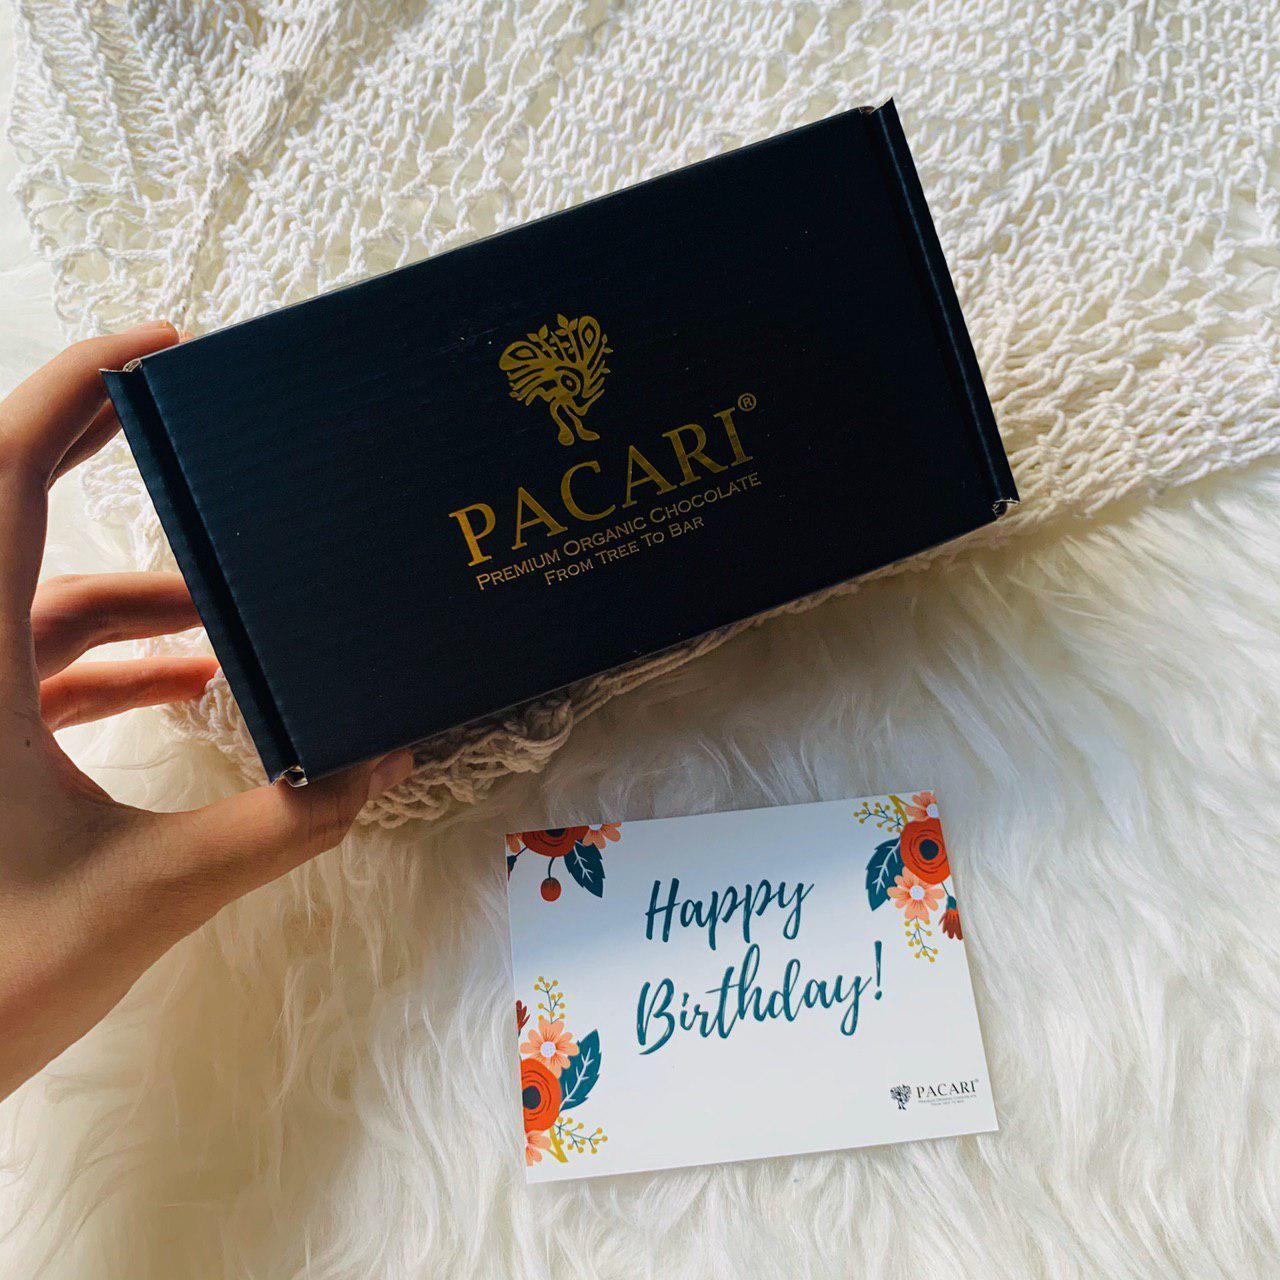 Pacari gift box.jpg